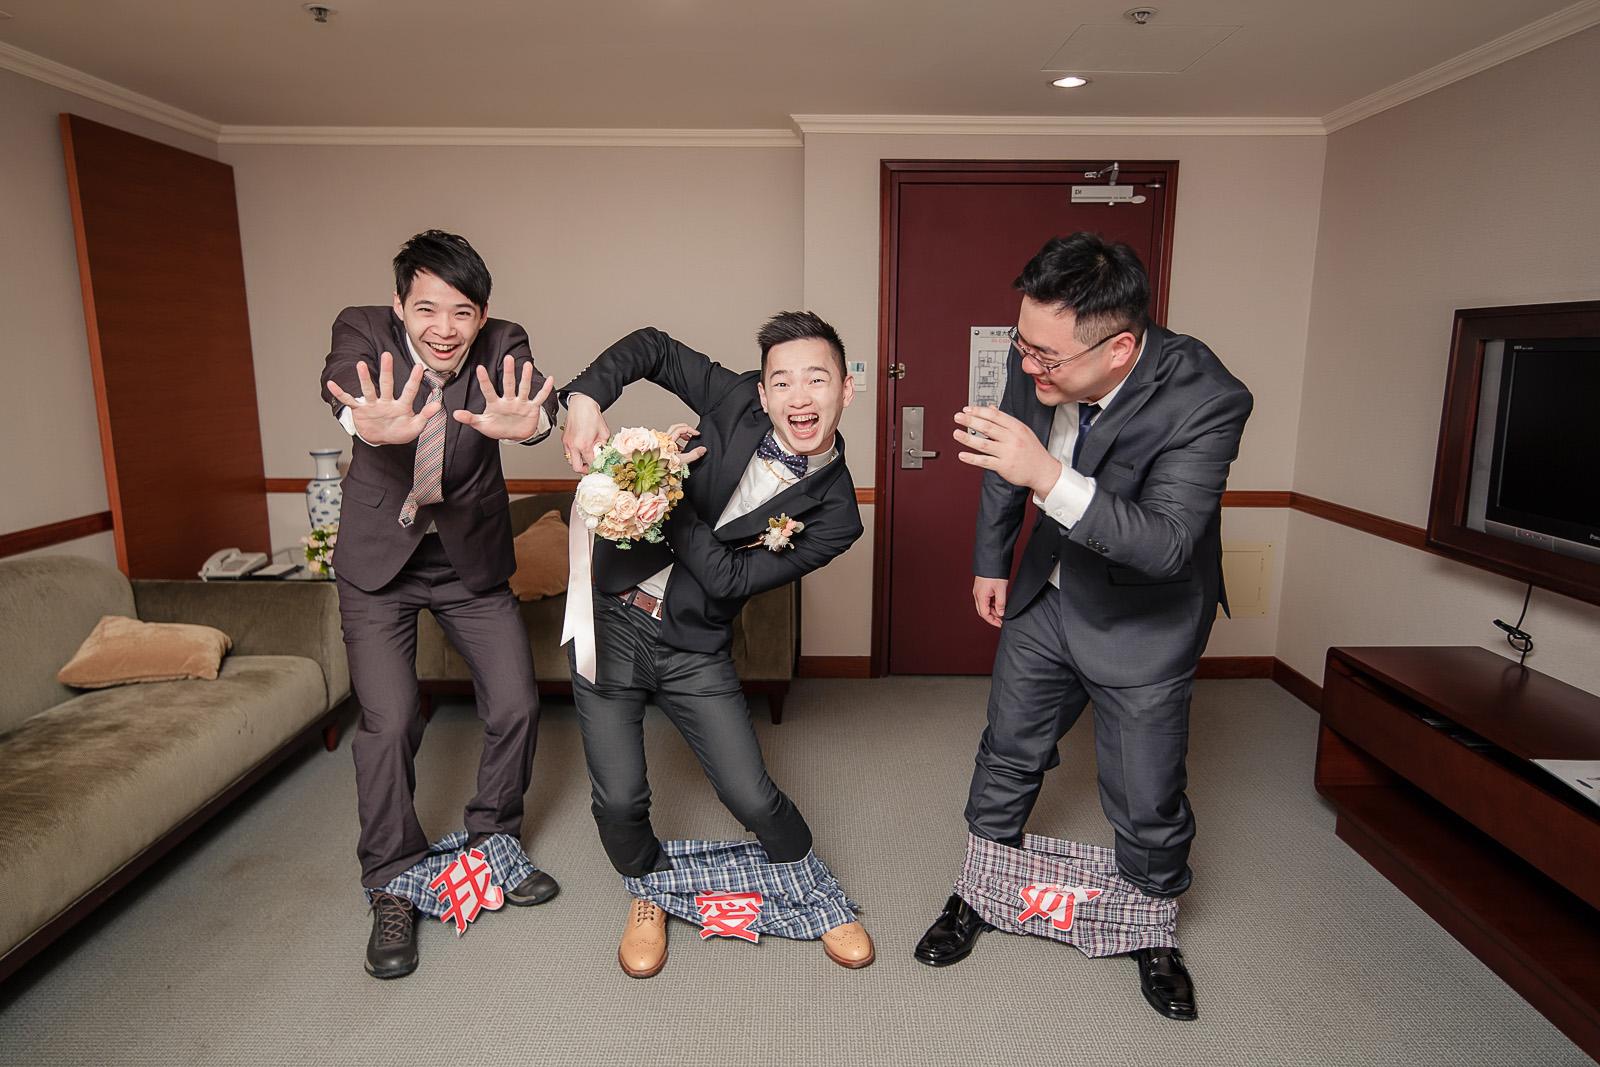 高雄圓山飯店,婚禮攝影,婚攝,高雄婚攝,優質婚攝推薦,Jen&Ethan-125